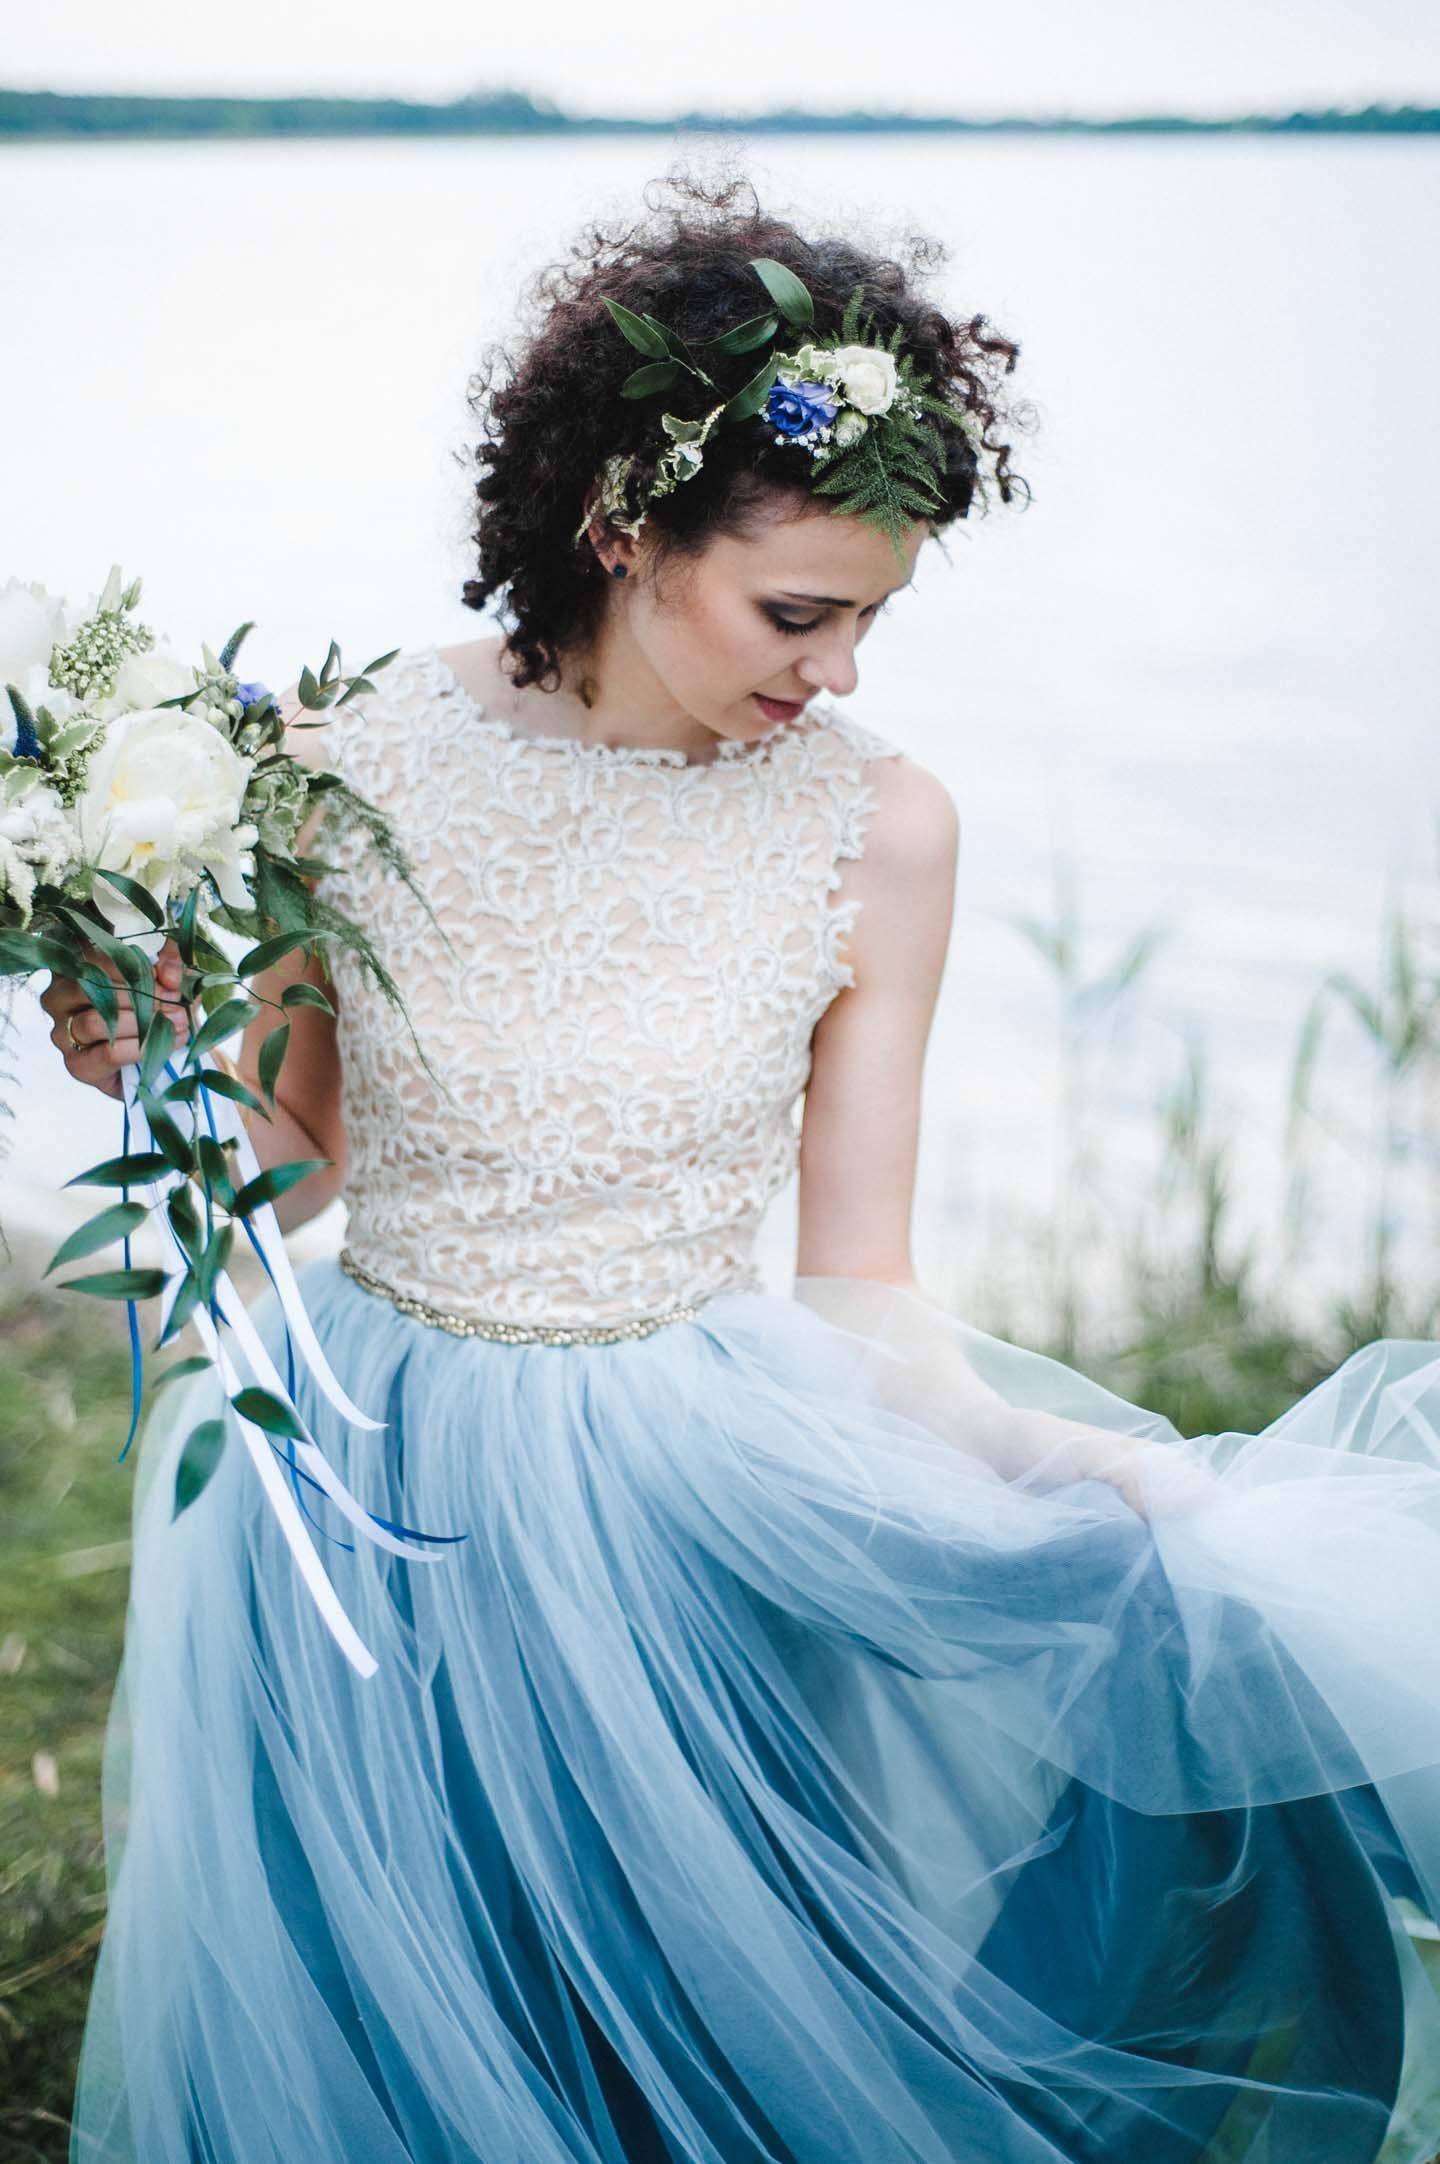 Sandkastenliebe Hochzeitsfotografie  Hochzeitskleid bunt